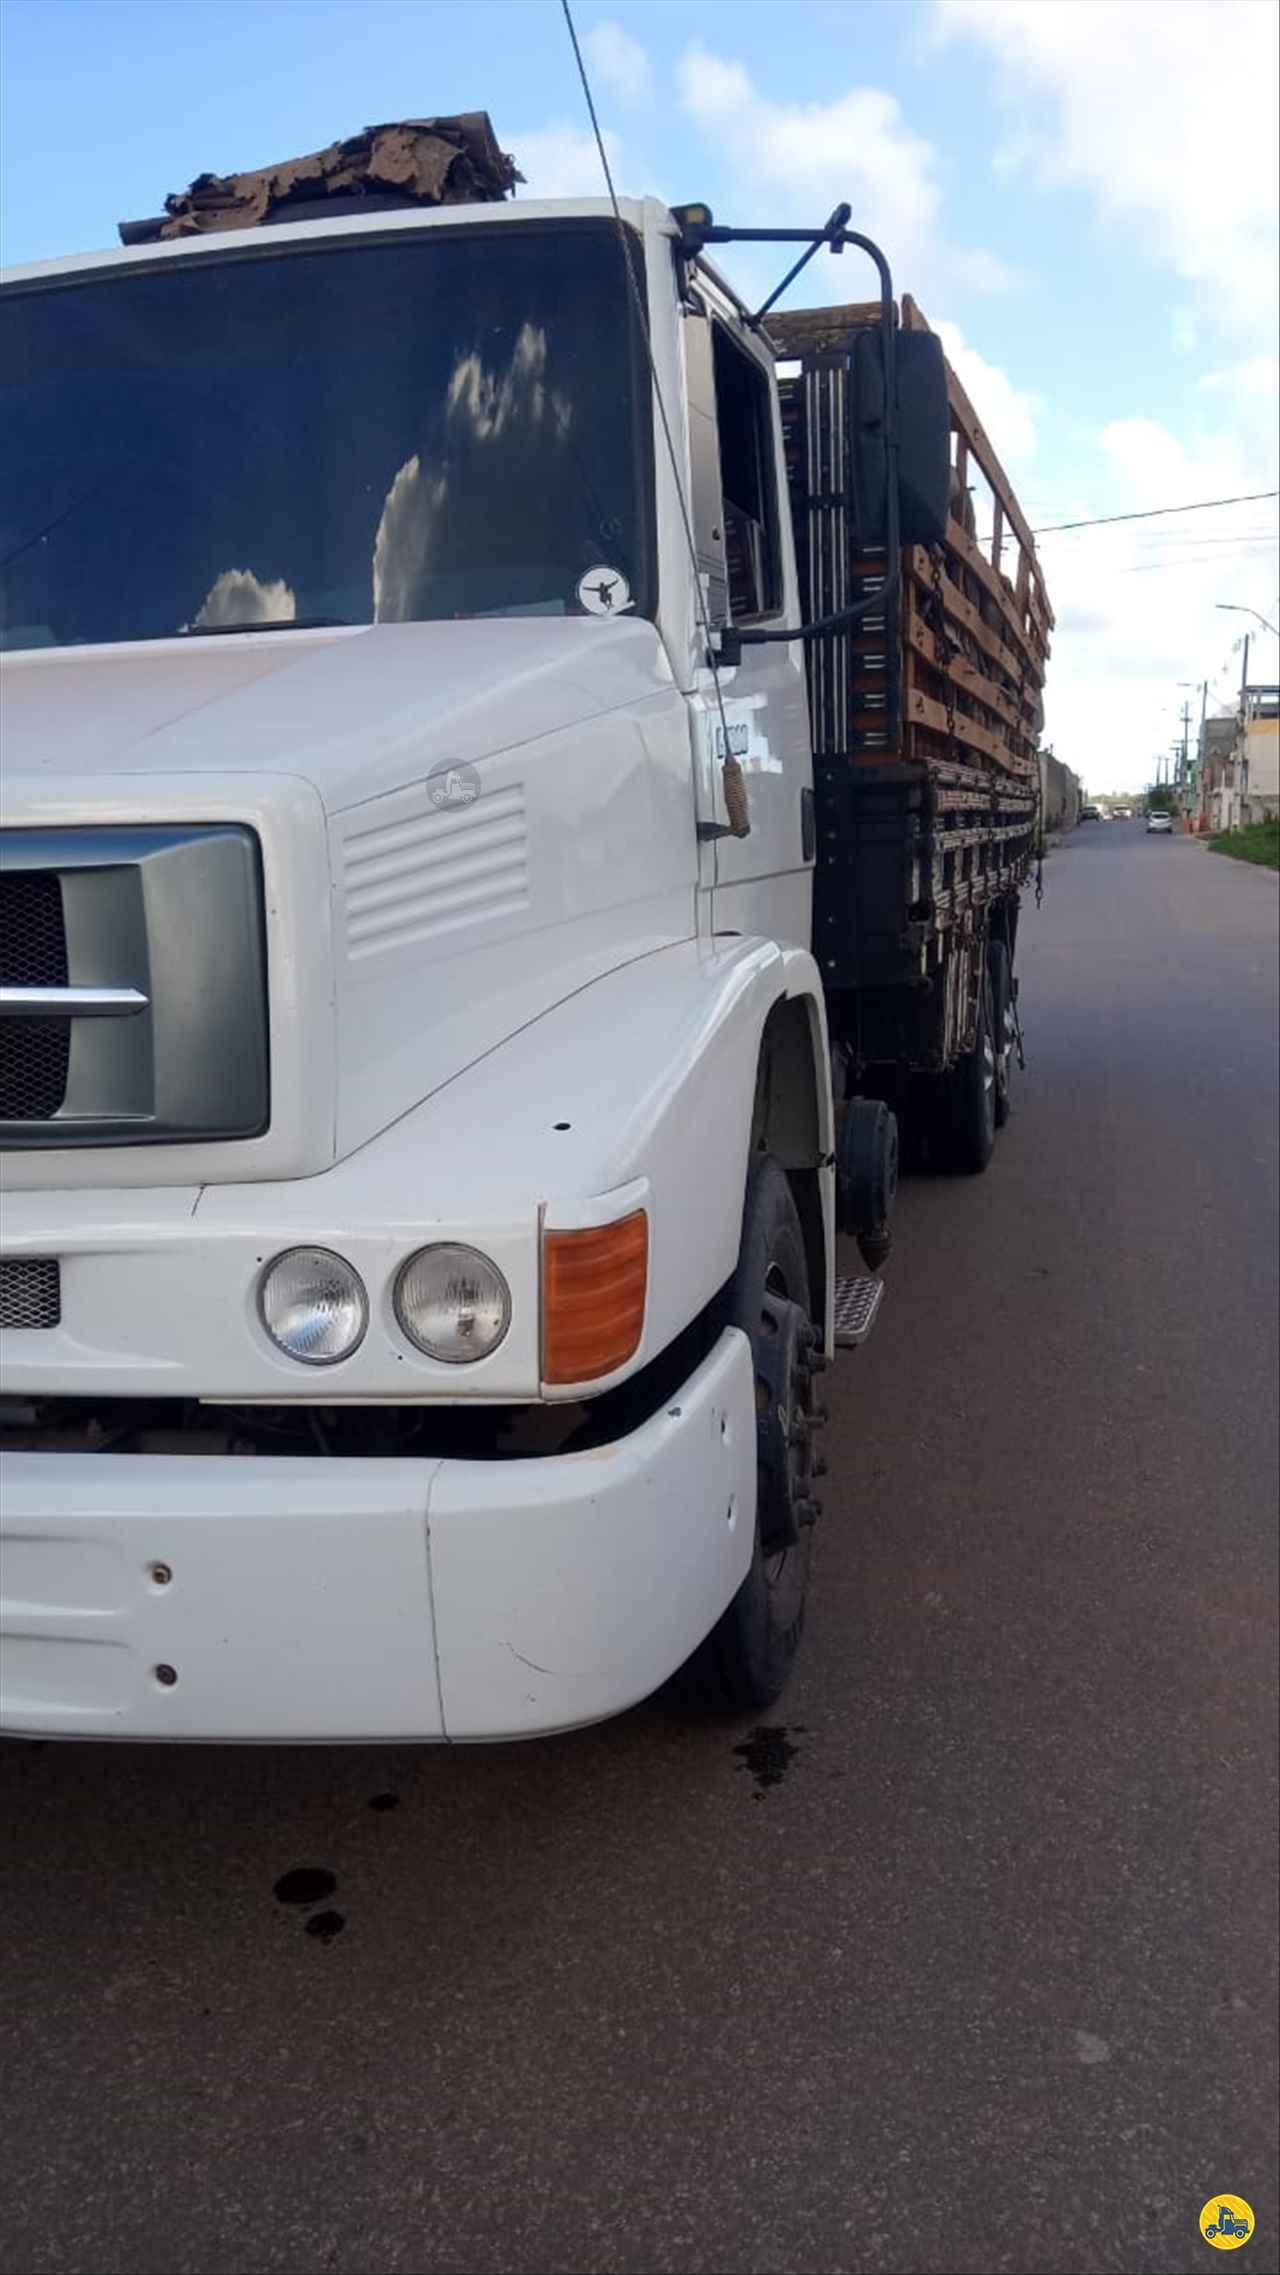 CAMINHAO MERCEDES-BENZ MB 1620 Carga Seca Truck 6x2 Wilson Caminhões RIBEIRAO PIRES SÃO PAULO SP